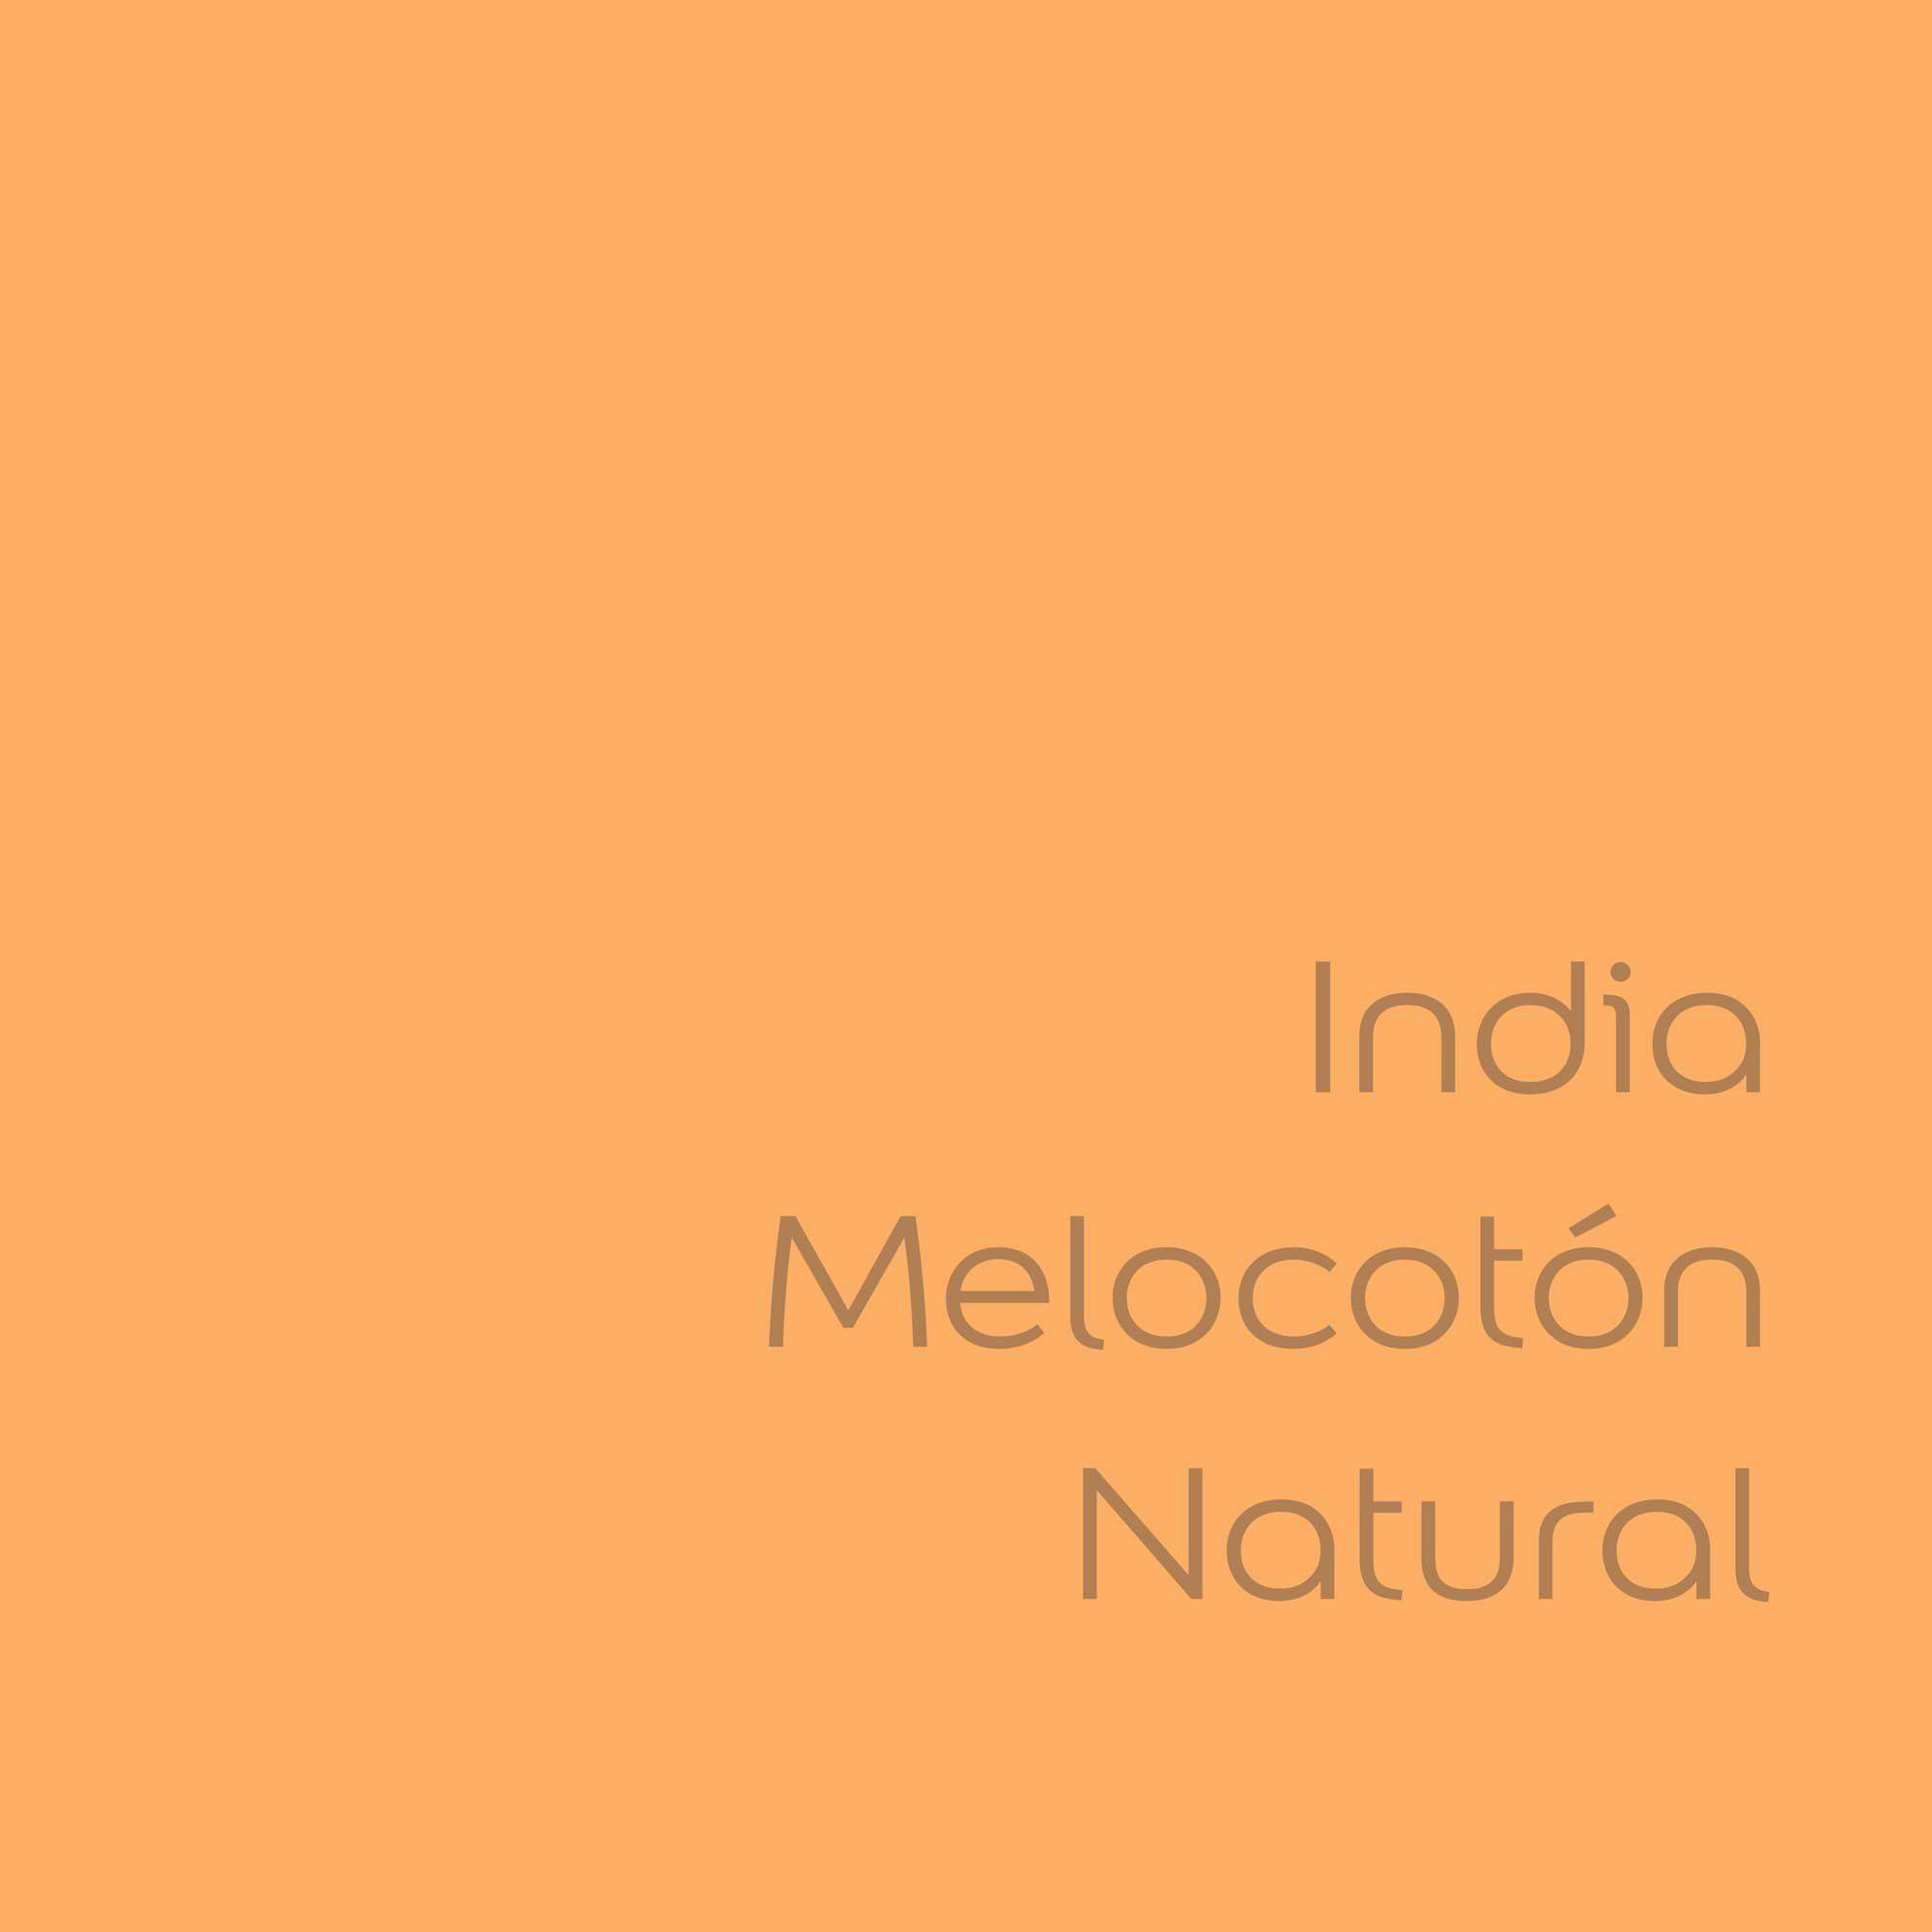 tester de color de pintura bruguer cdm india melocoton natural color